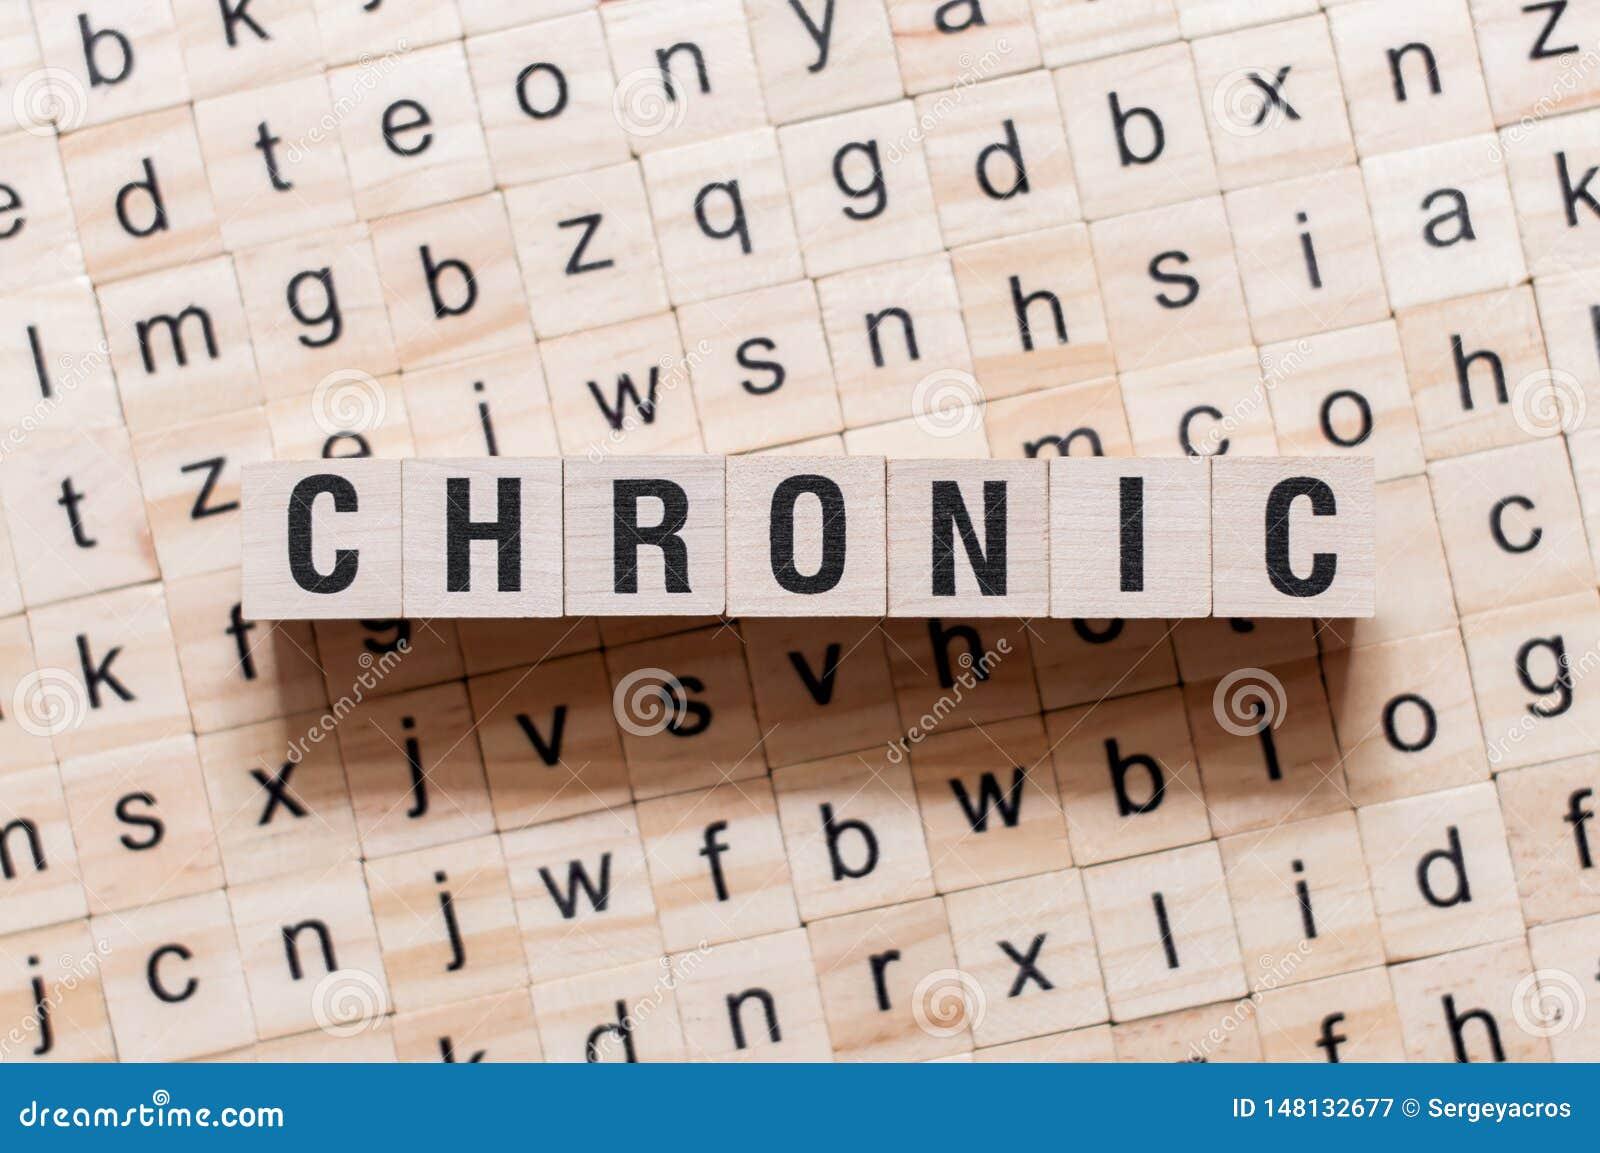 Chronisches Wortkonzept auf Würfeln